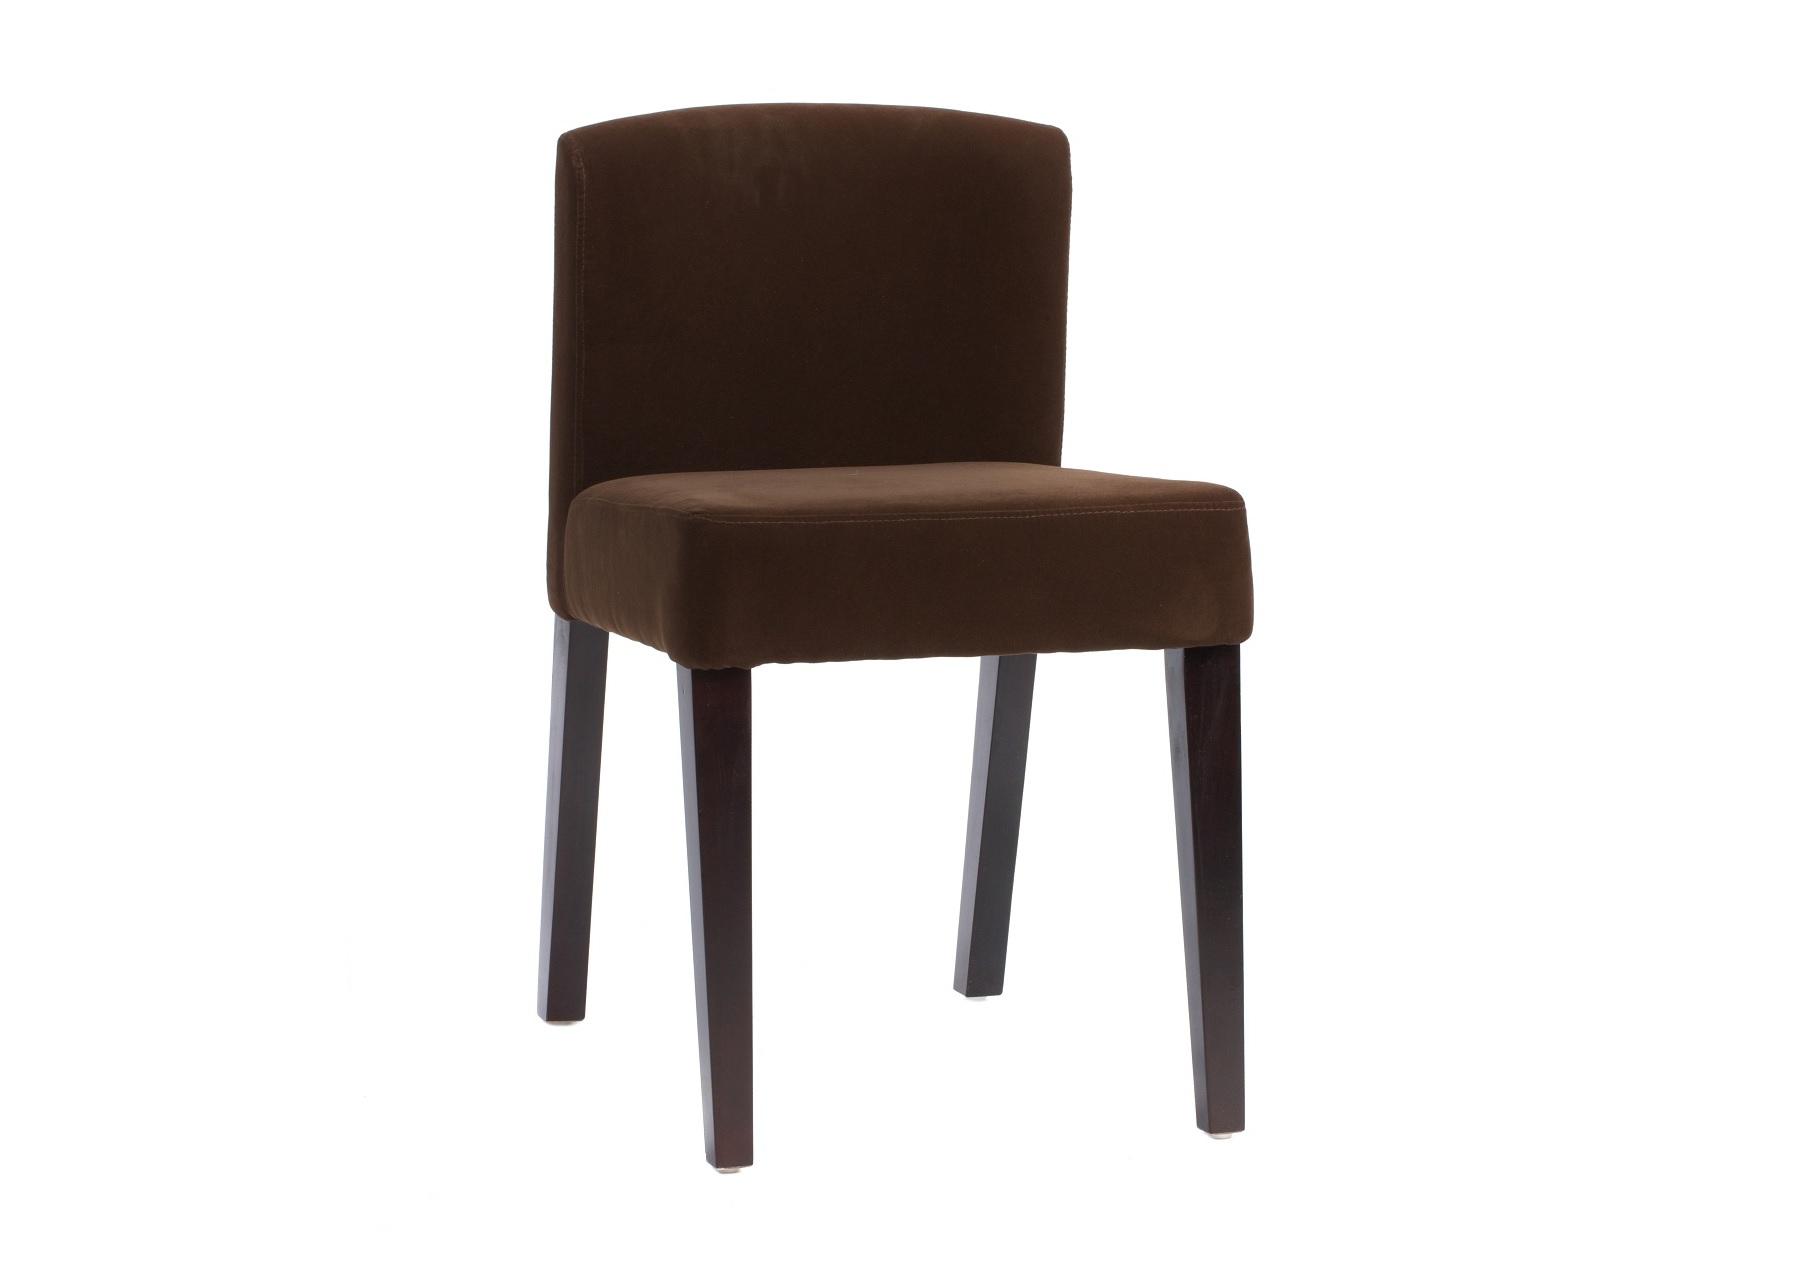 Стул JuniorОбеденные стулья<br><br><br>Material: Велюр<br>Length см: None<br>Width см: 45<br>Depth см: 48<br>Height см: 75